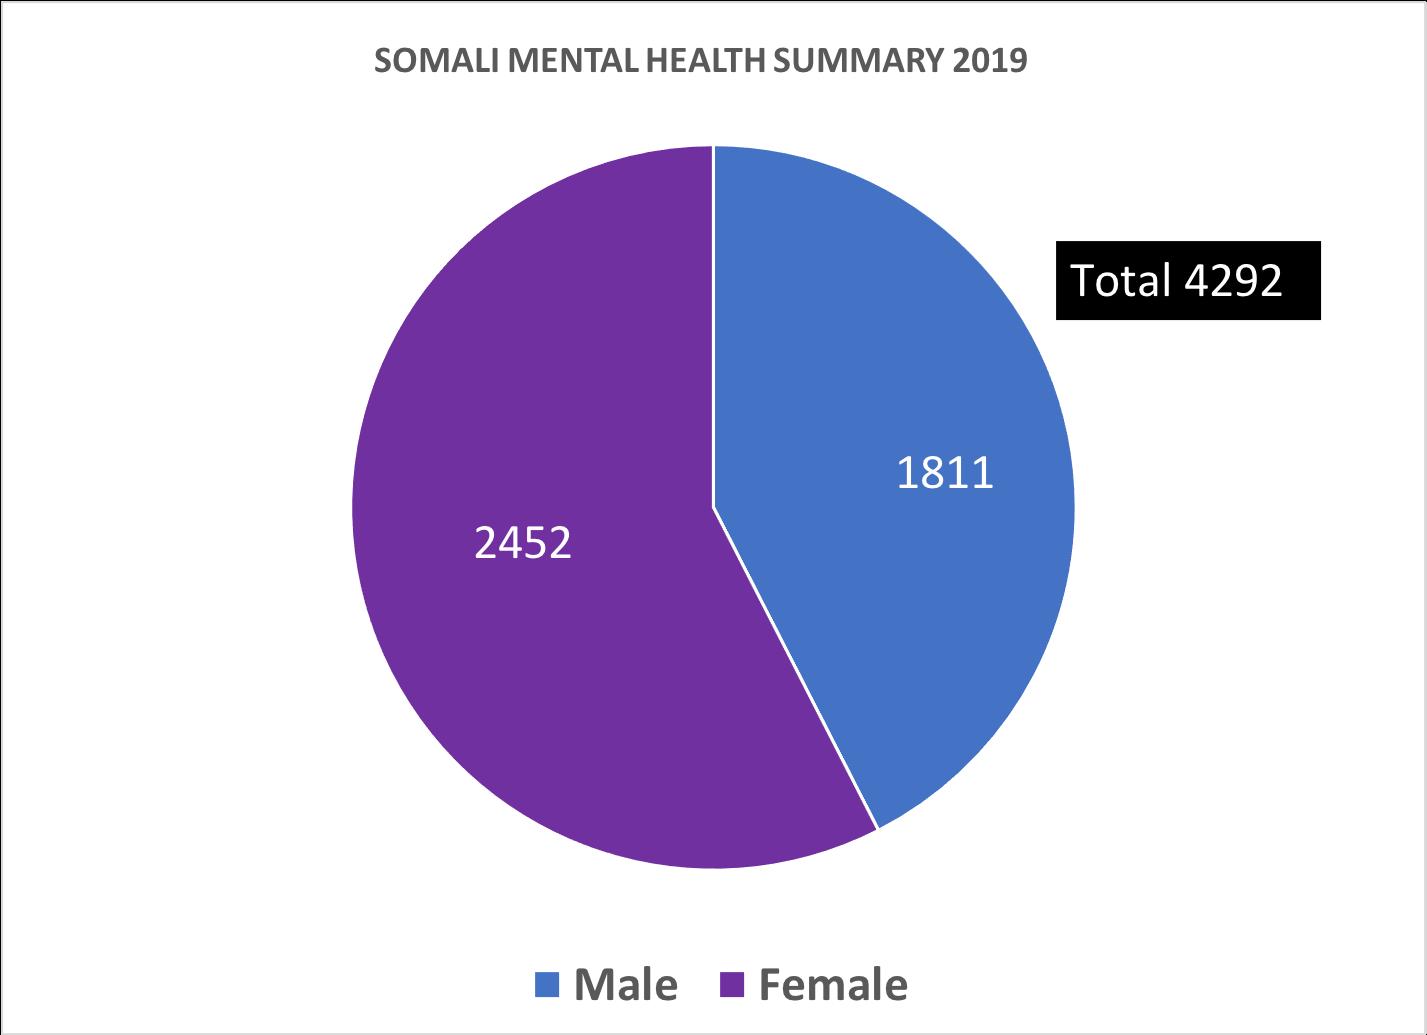 2019_SMHF_SUMMARY_REPORT